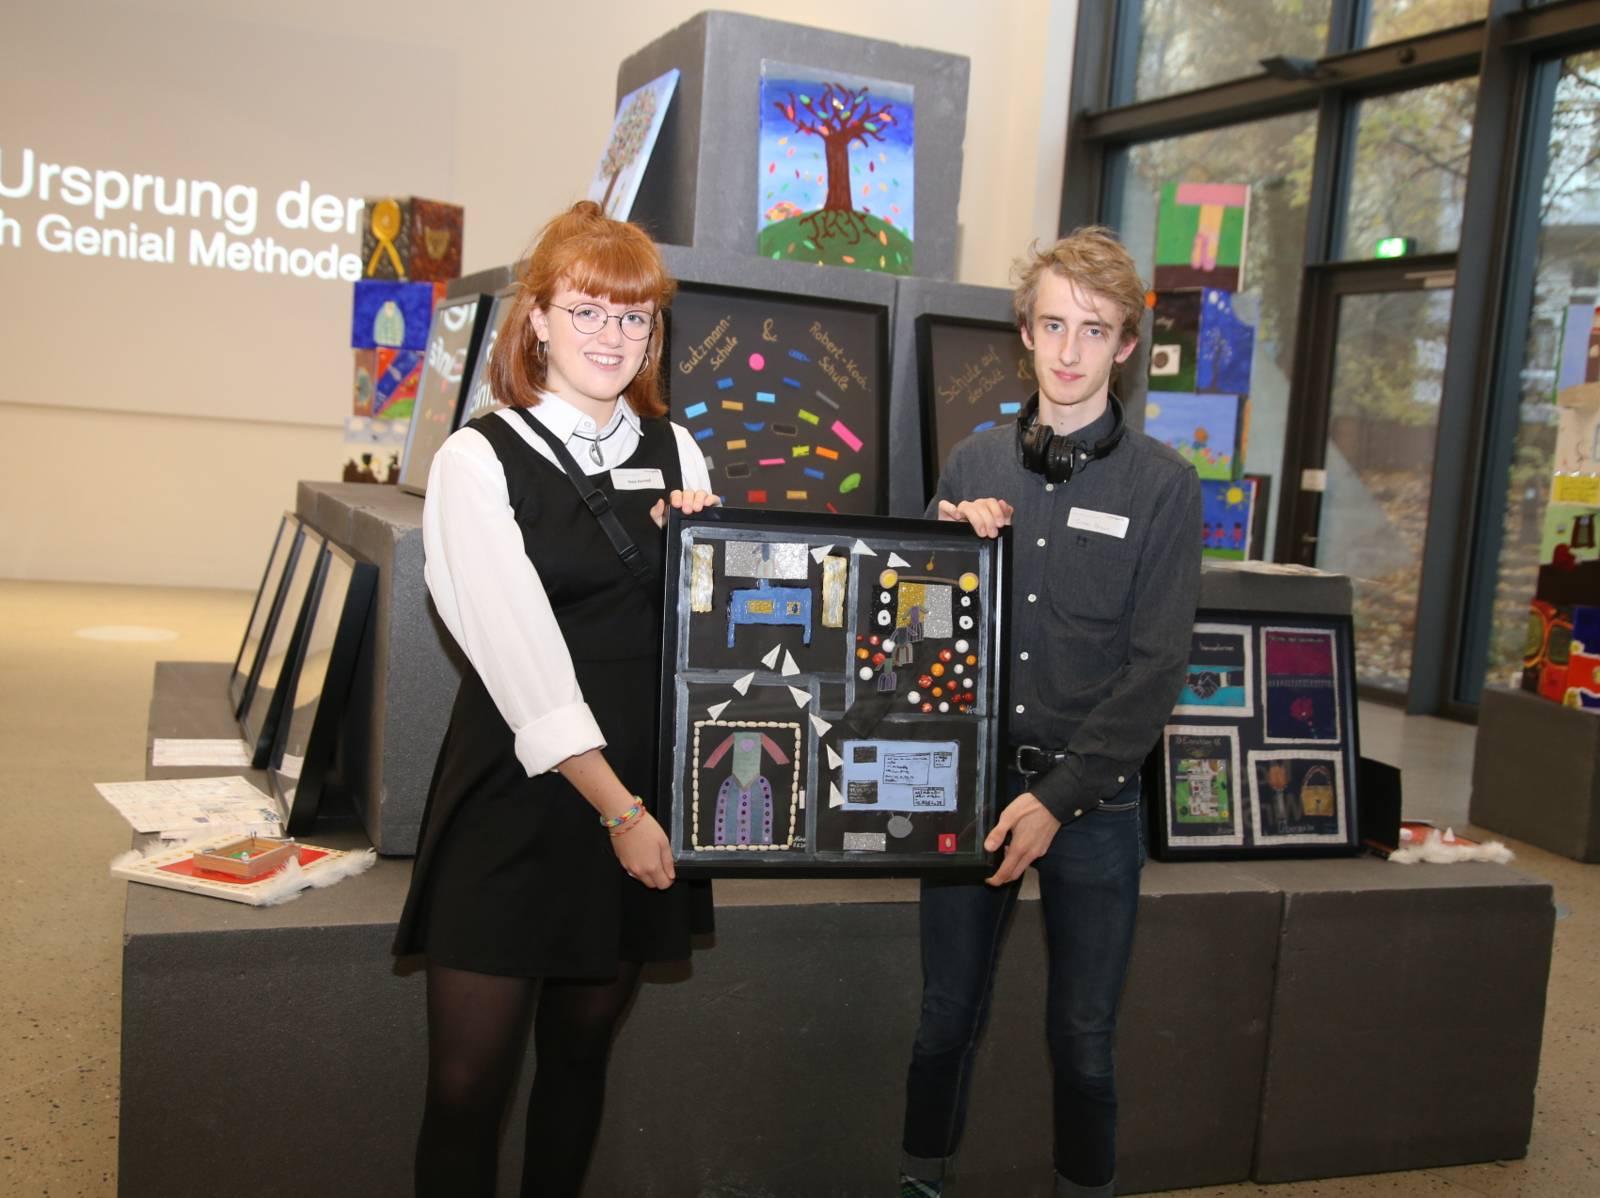 Eine junge Frau und ein junger Mann halten eine Collage in einem Bilderrahmen